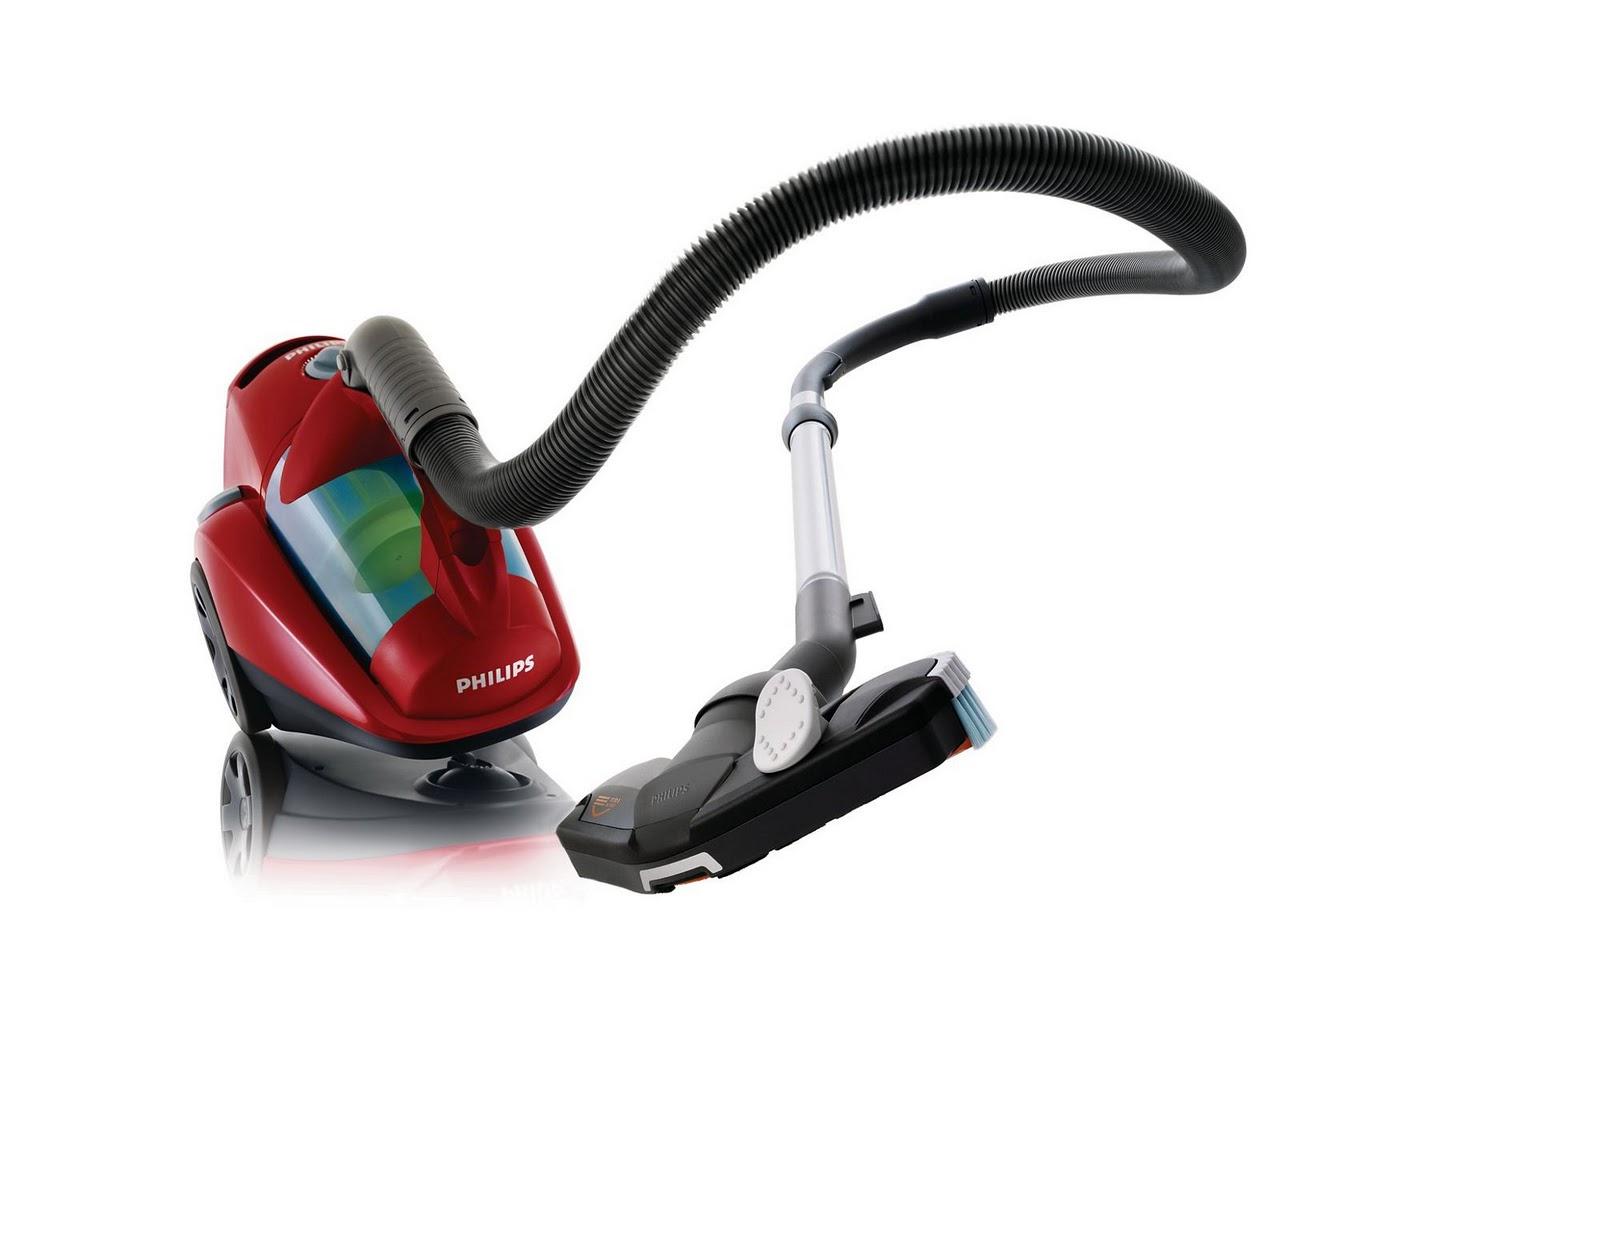 Daftar Harga Vacuum Cleaner Philips Murah